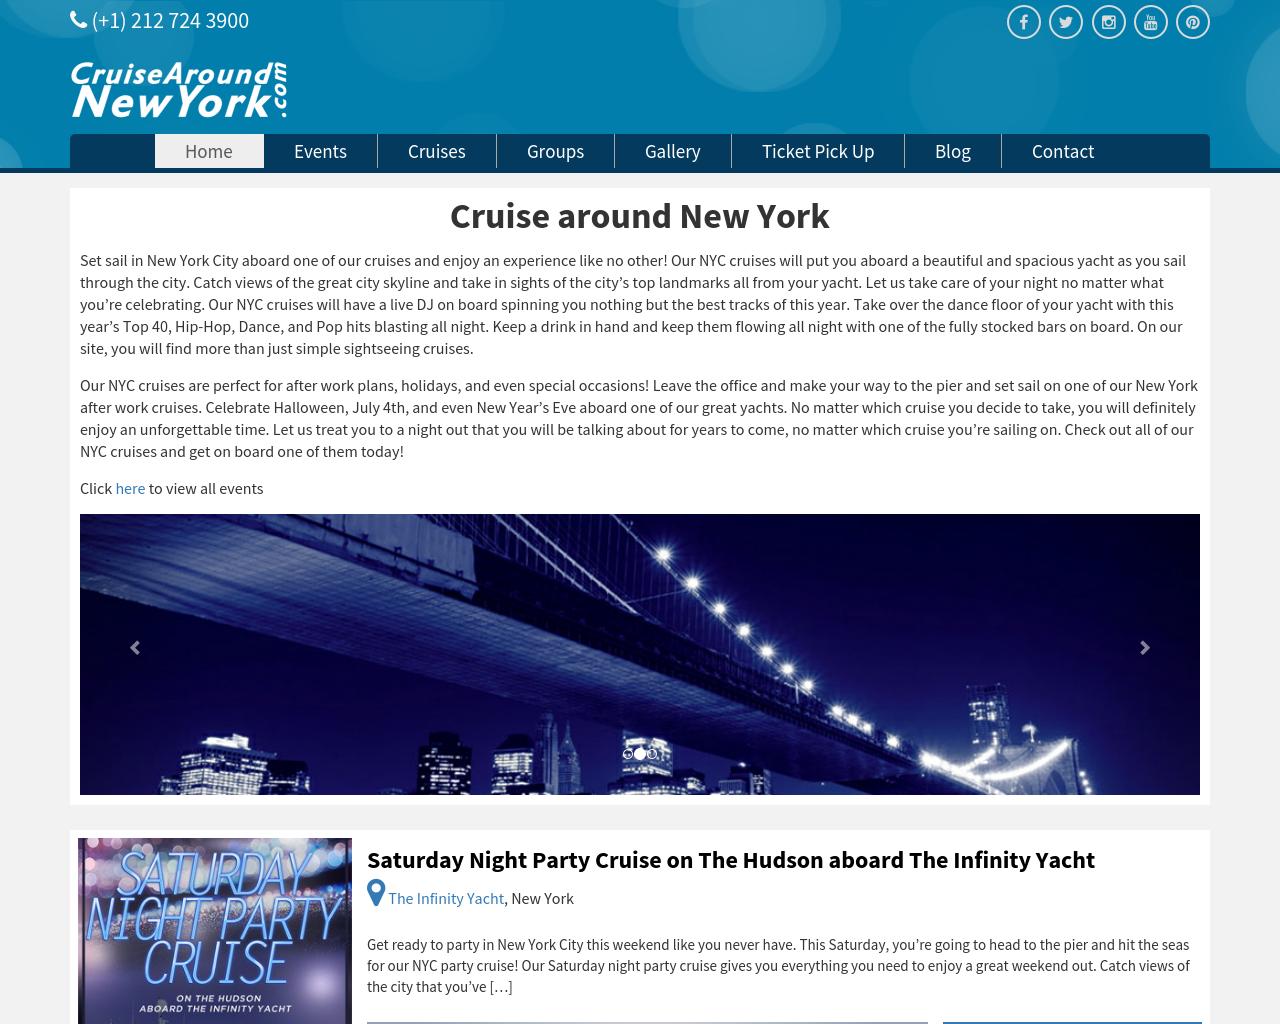 CruiseAroundNewYork.com-Advertising-Reviews-Pricing